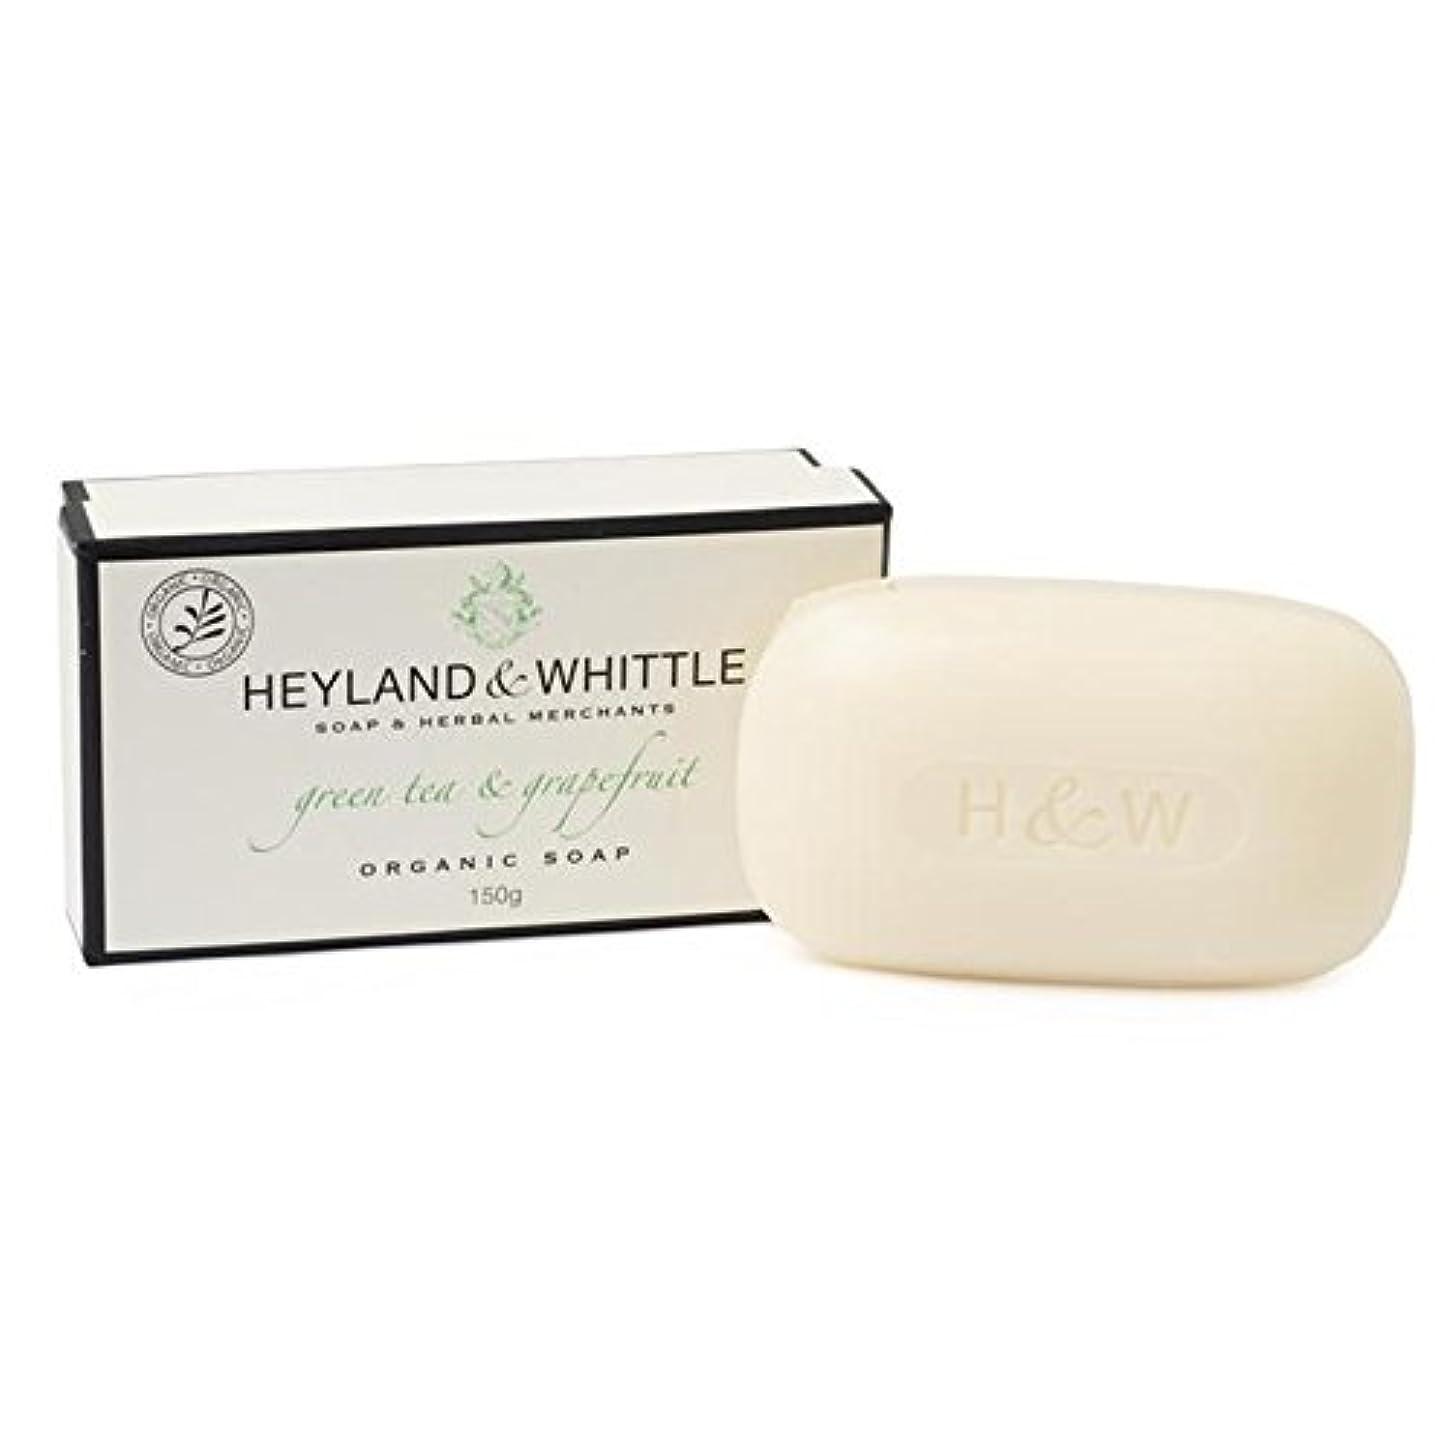 エスカレーター描写顕微鏡Heyland & Whittle Green Tea & Grapefruit Boxed Organic Soap 150g (Pack of 6) - &削る緑茶&グレープフルーツはオーガニックソープ150グラム箱入...